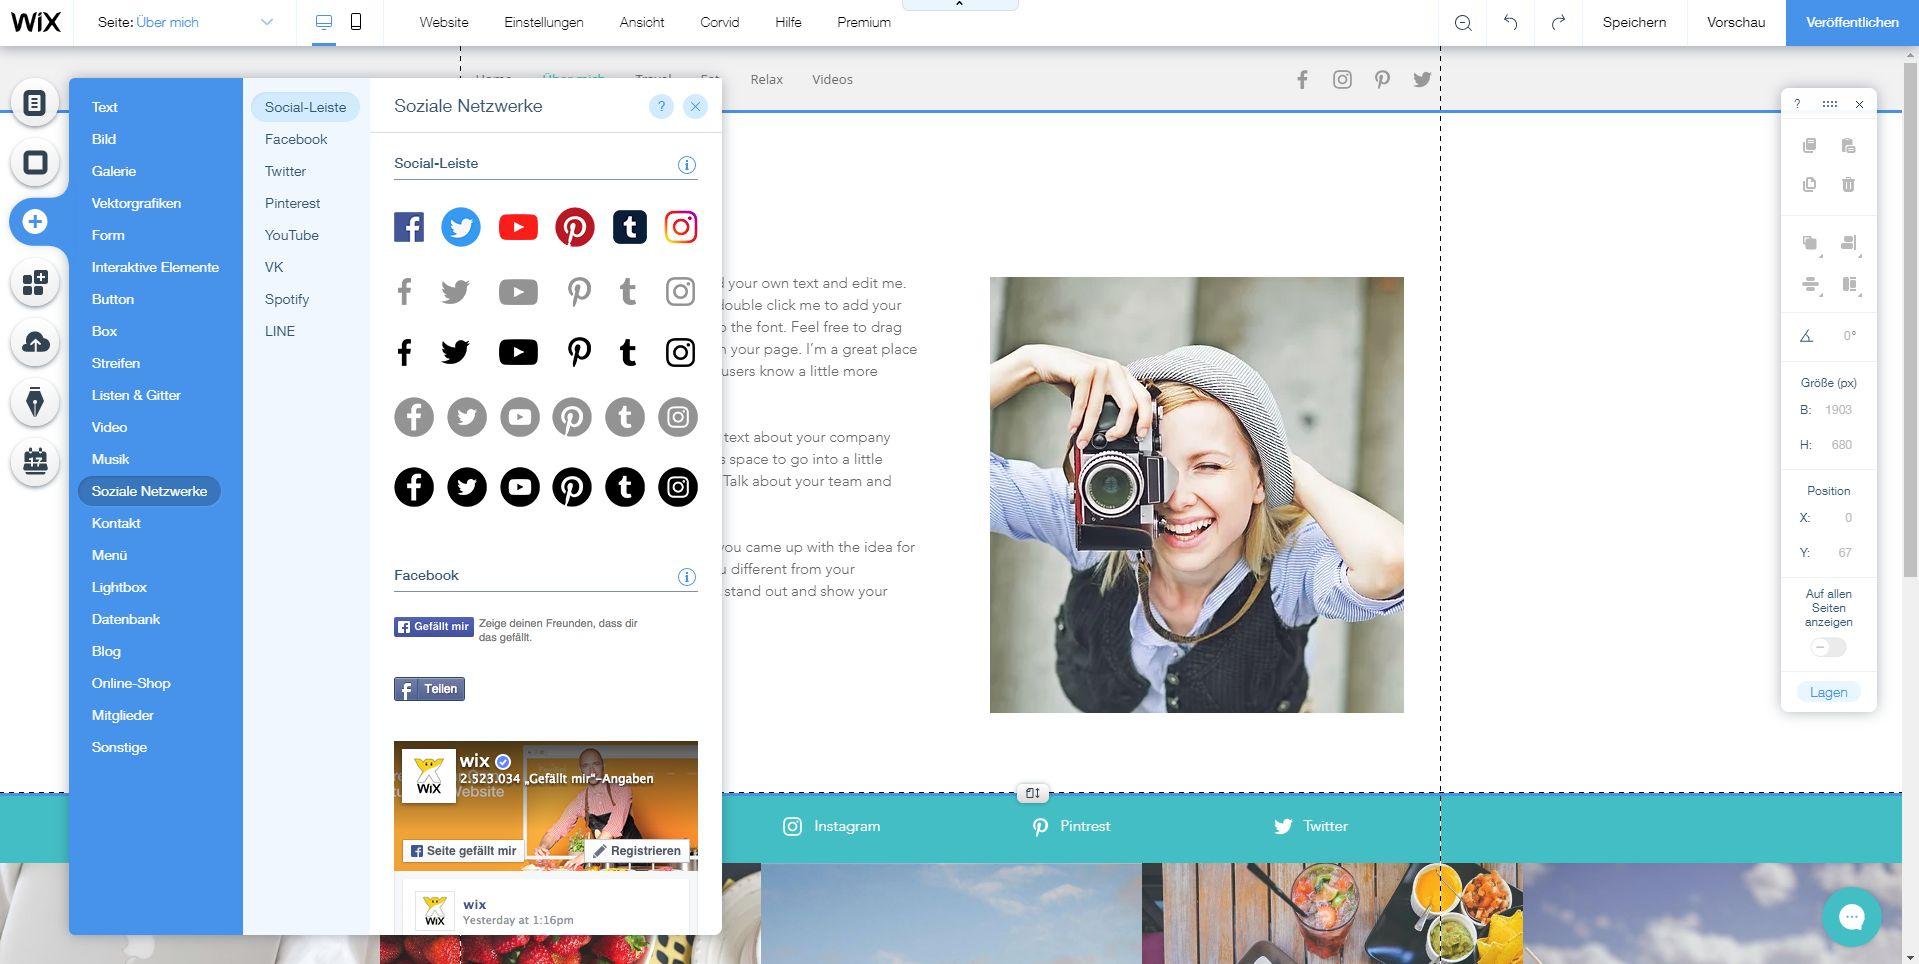 Einfache Homepage erstellen (für Anfänger): Wix Schritt 6